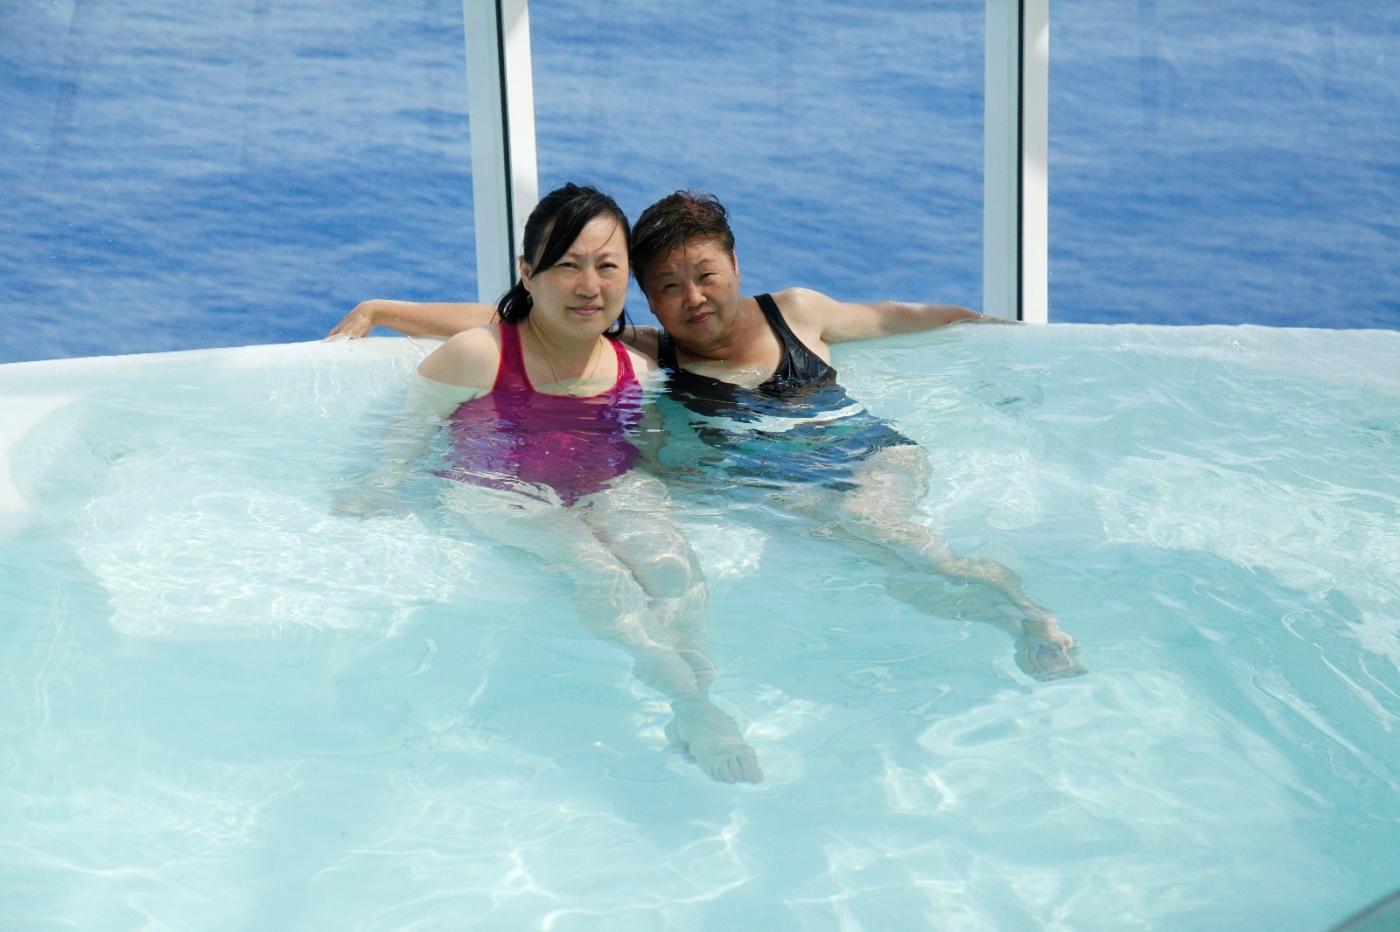 在游轮泳池泡水,观看冲浪表演_图1-7